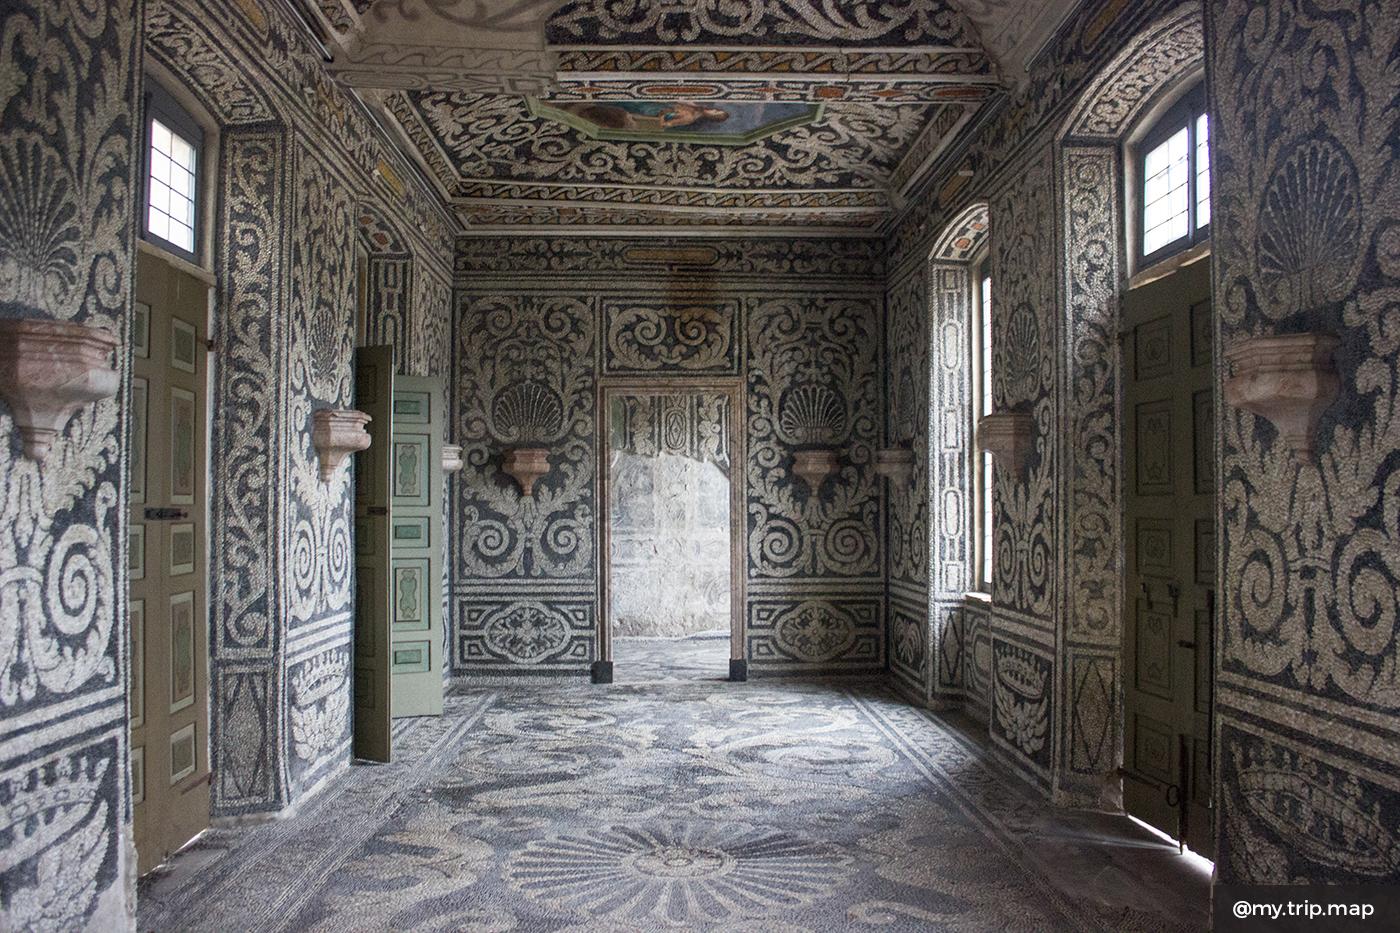 palazzo-arese-borrome-visitare-1